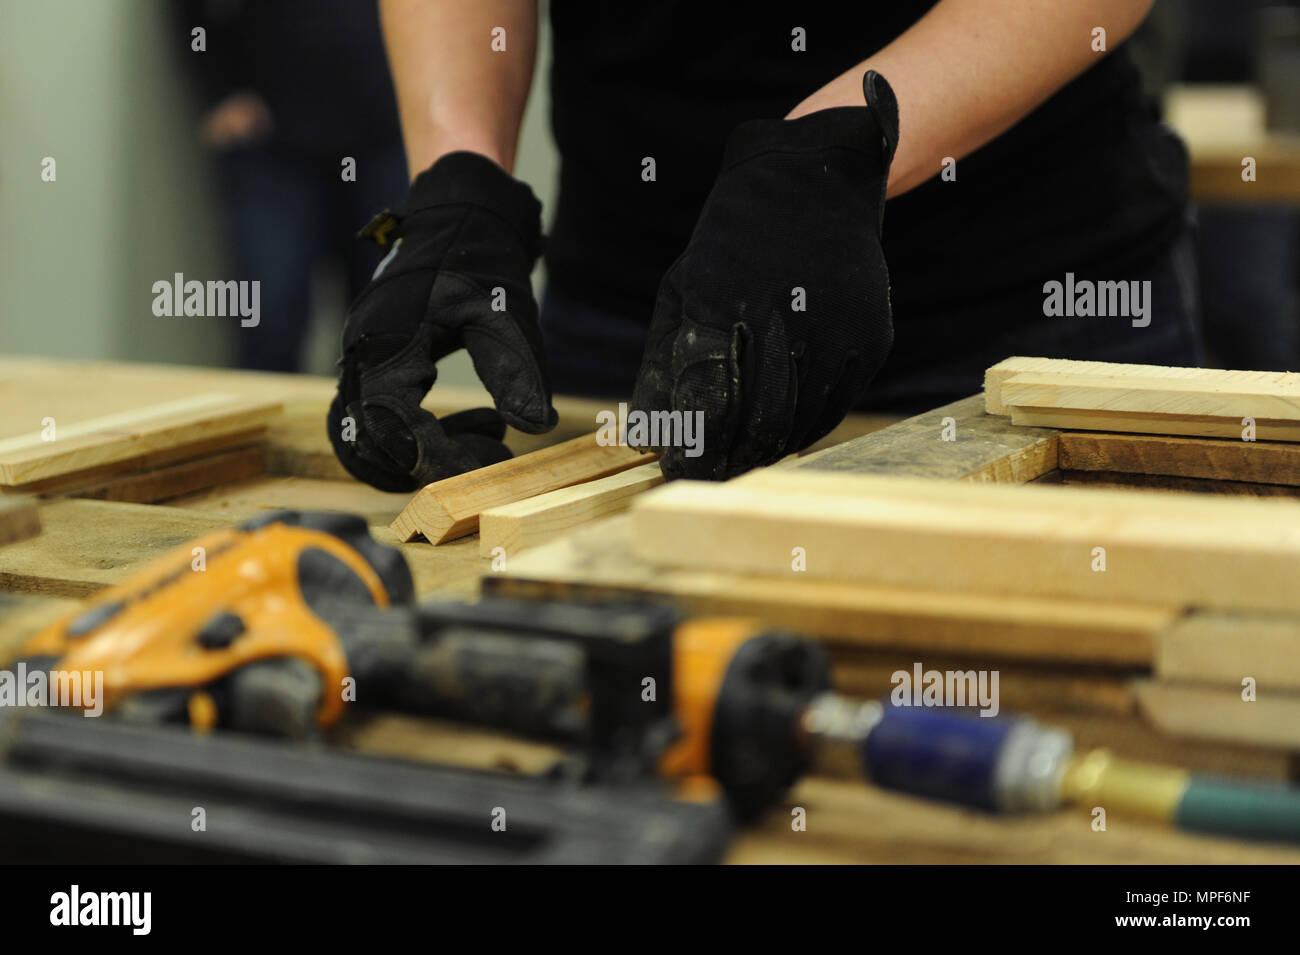 wood shop class stock photos & wood shop class stock images